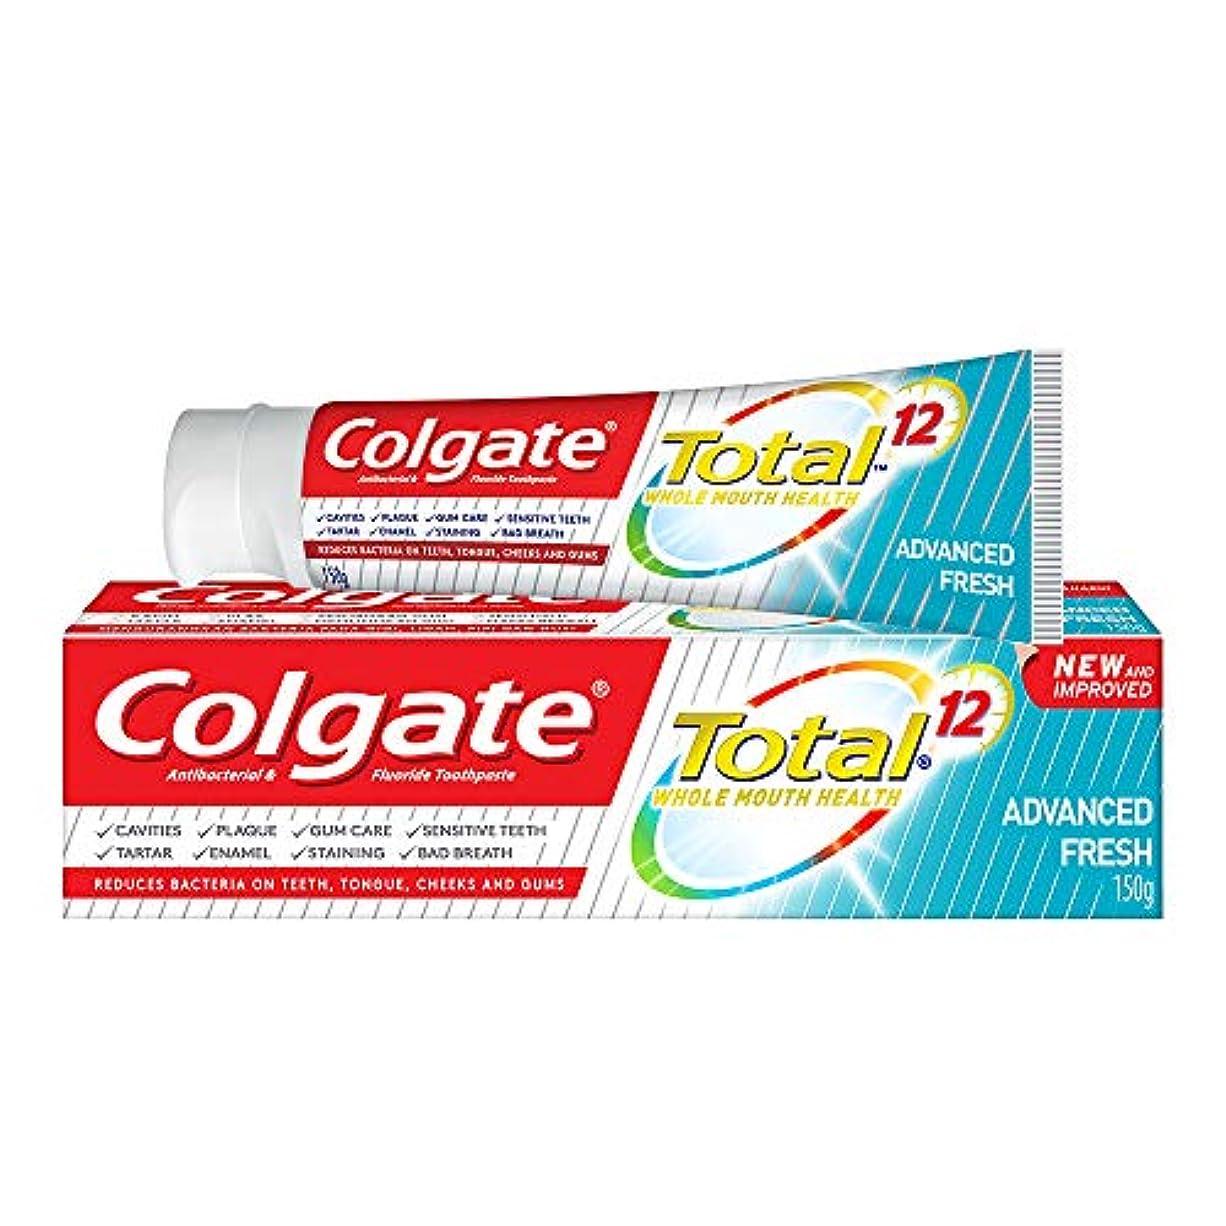 適度に程度もっともらしいColgate コルゲート トータル トゥースペースト 150g (歯磨き粉) 【歯磨き粉、虫歯予防、アメリカン雑貨】